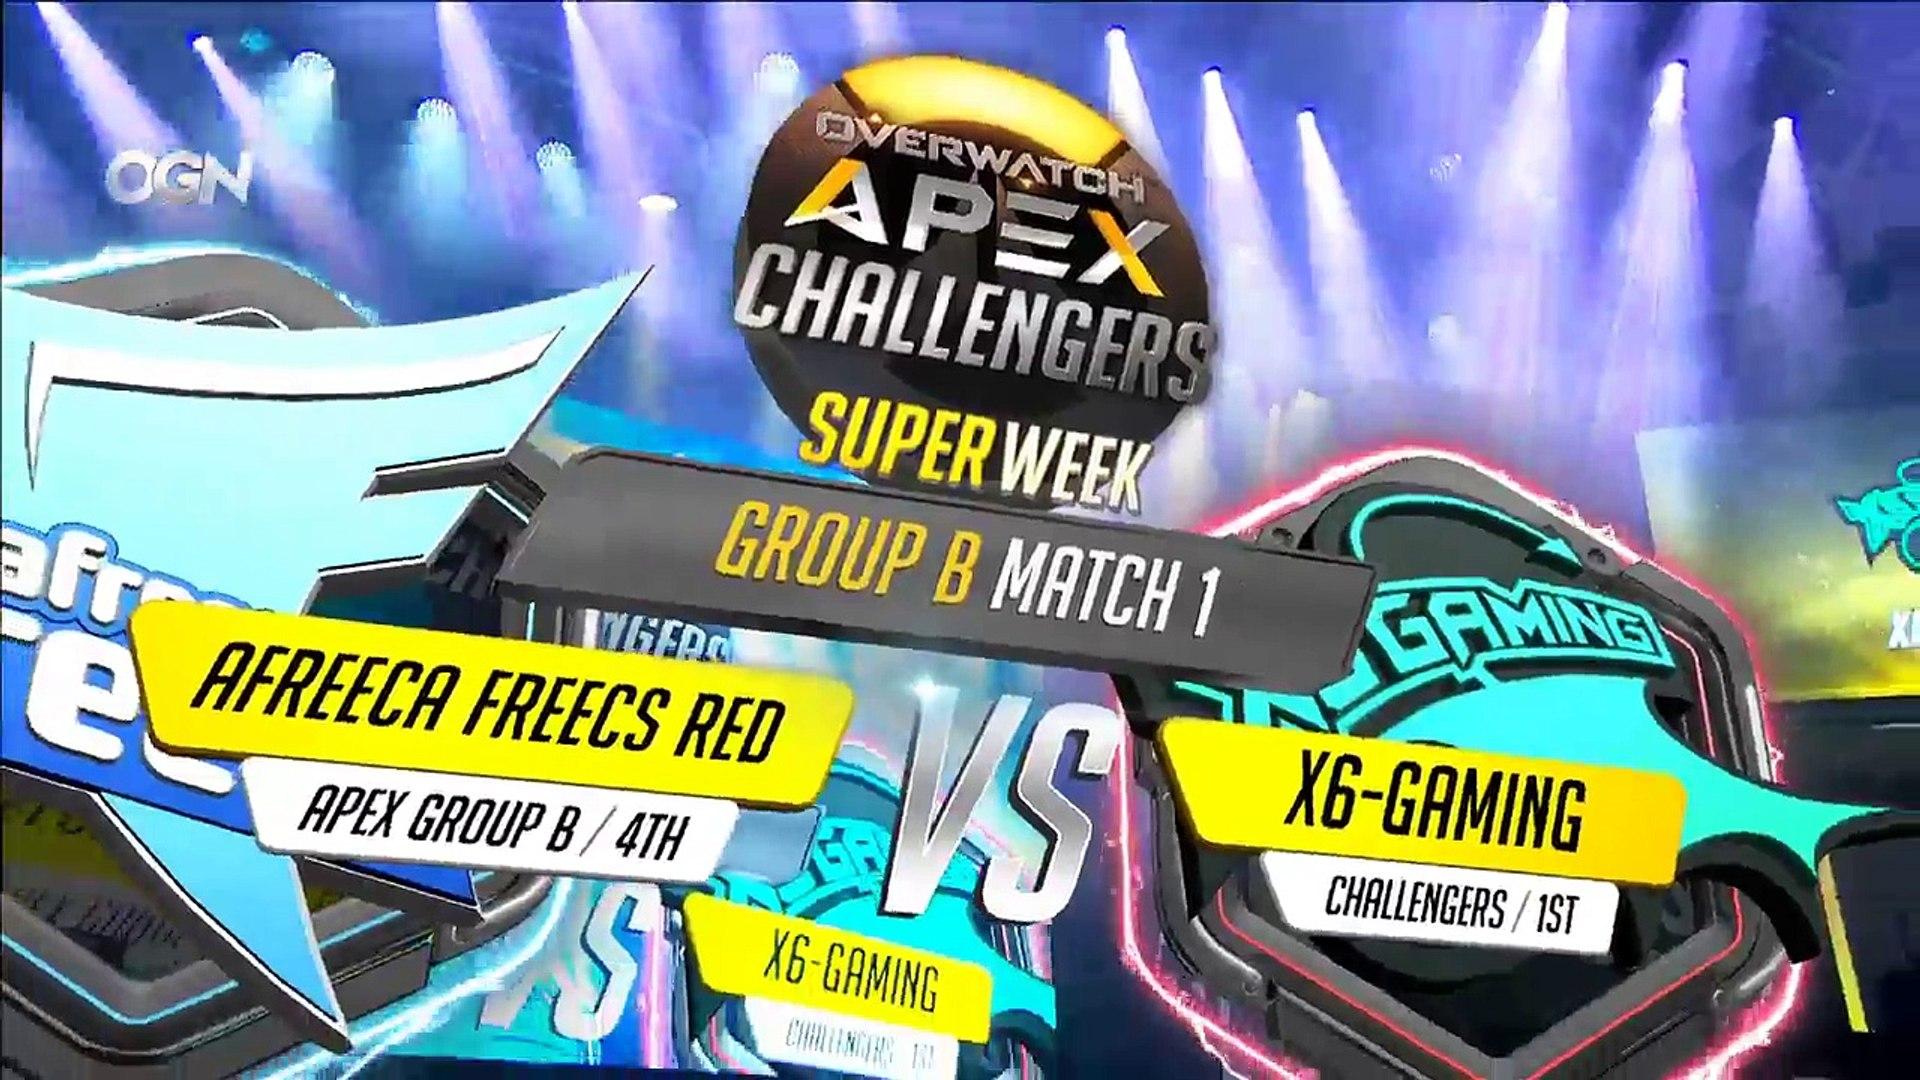 [OGN] Overwatch APEX Challengers Superweek - AF RED VS. X6-Gaming | MVP Infinity VS. Rhinos Gaming W